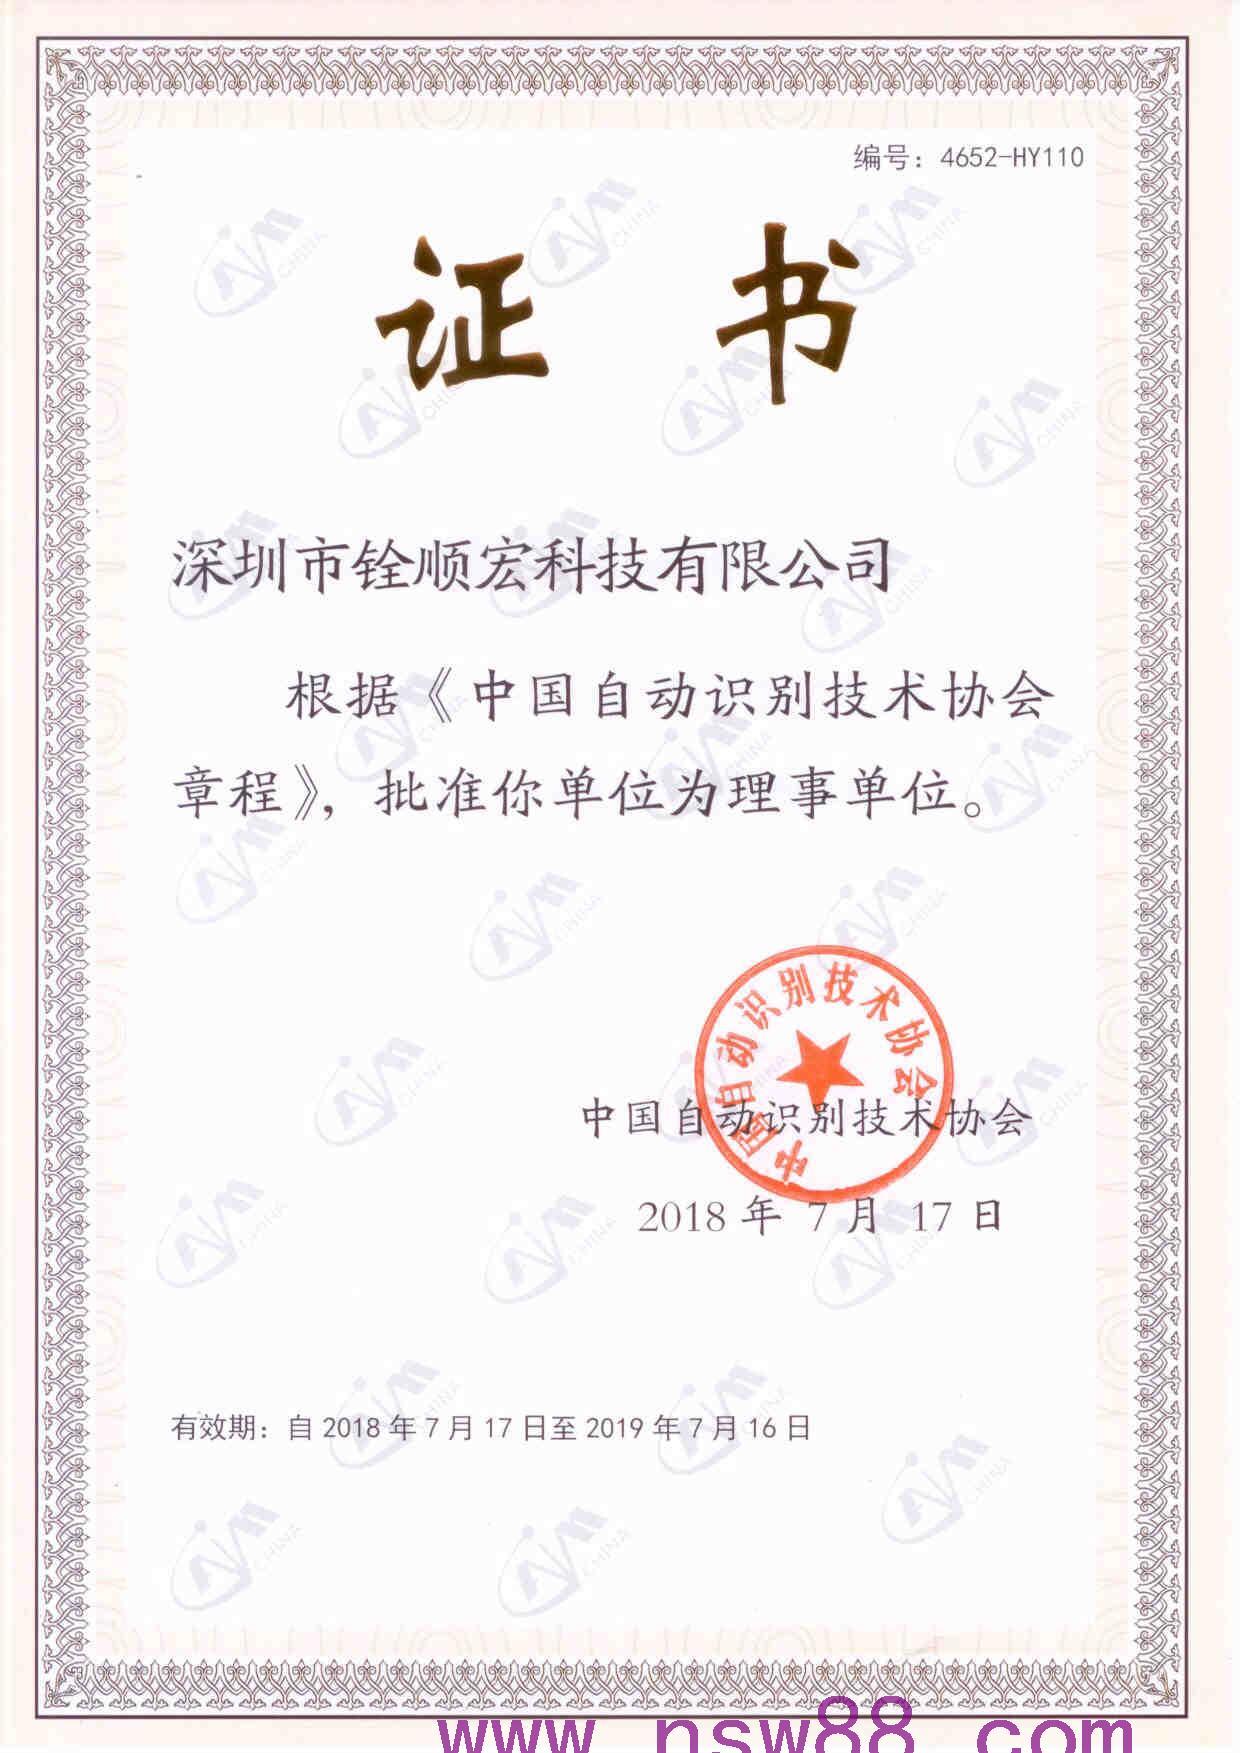 中国自动识别技术协会理事单位证书